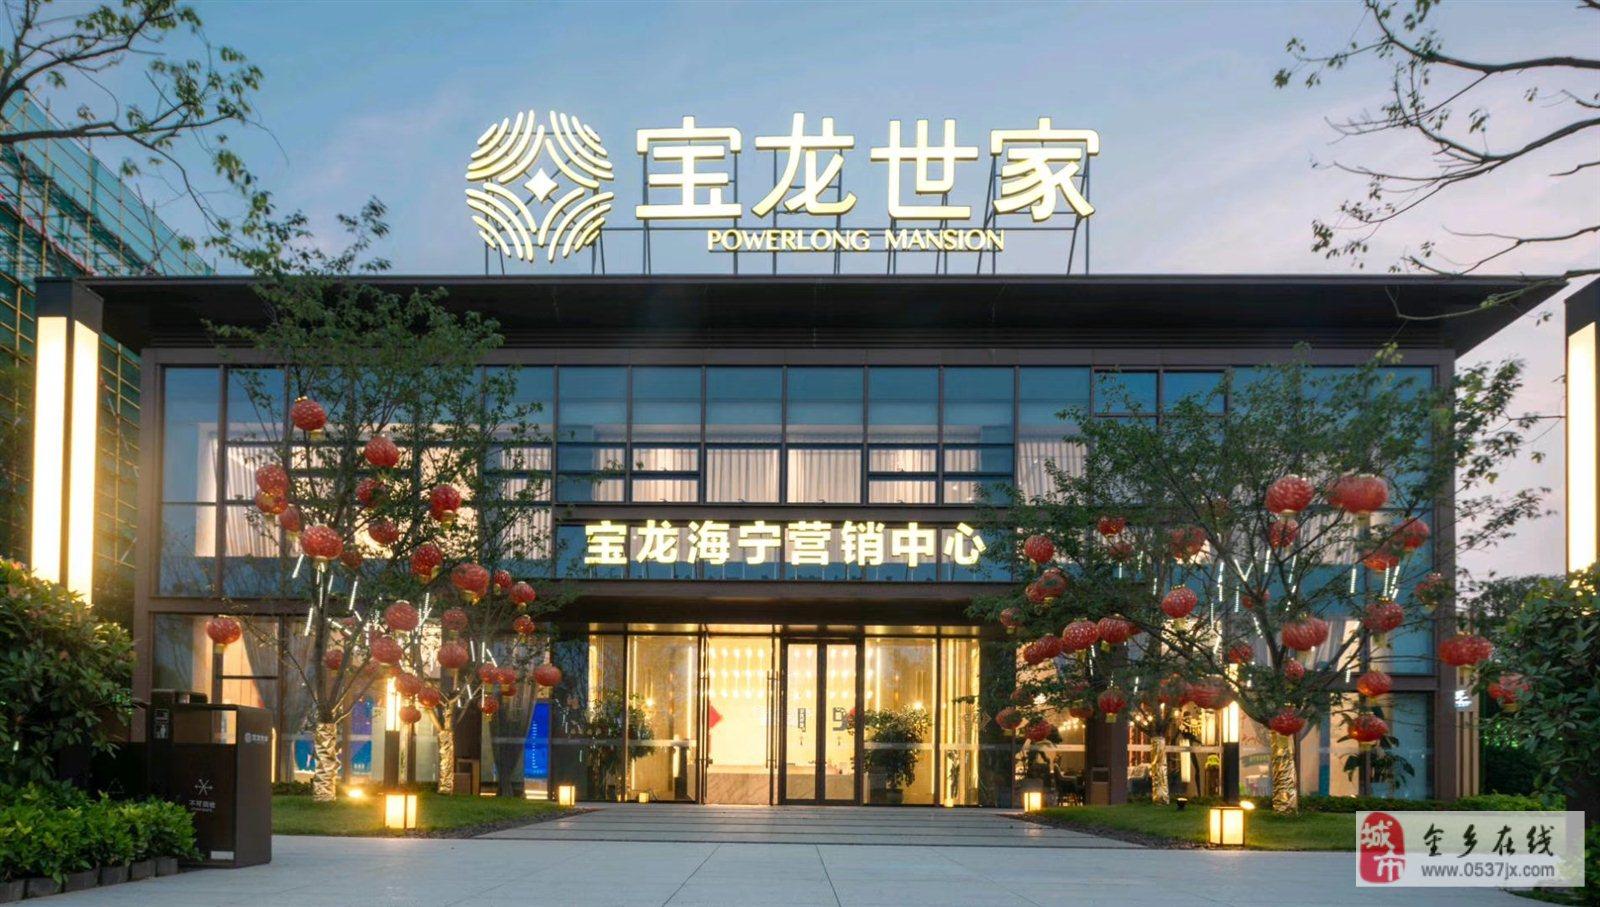 海宁宝龙世家2019您值得拥有-_售楼中心